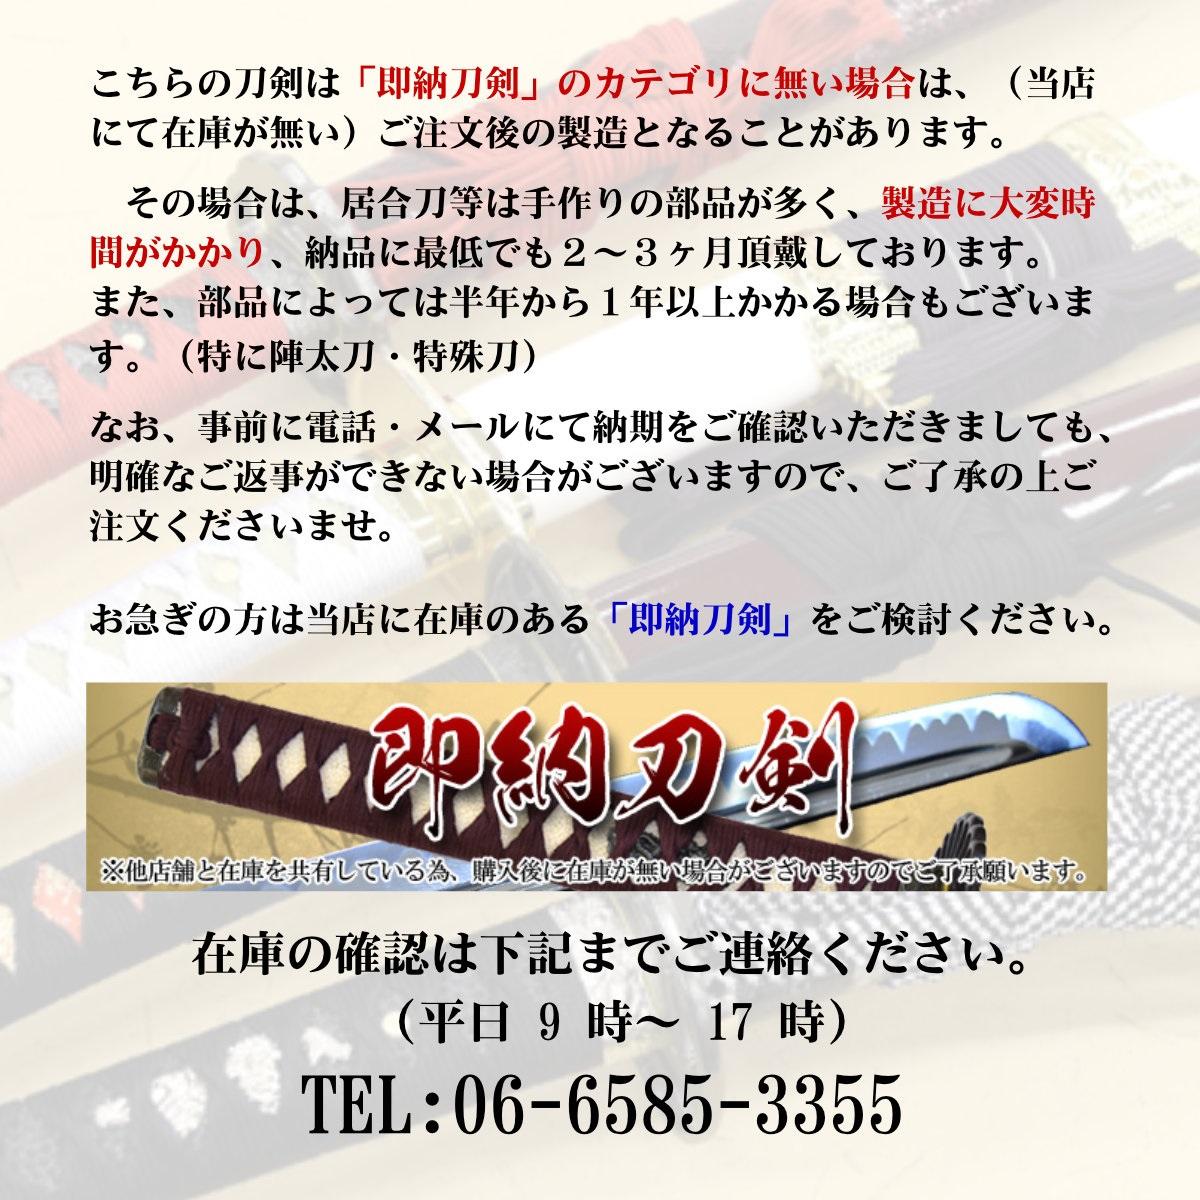 高級居合刀 上杉謙信拵え 姫鶴一文字-本革仕様-(刀袋付き) 模擬刀剣証明書付き